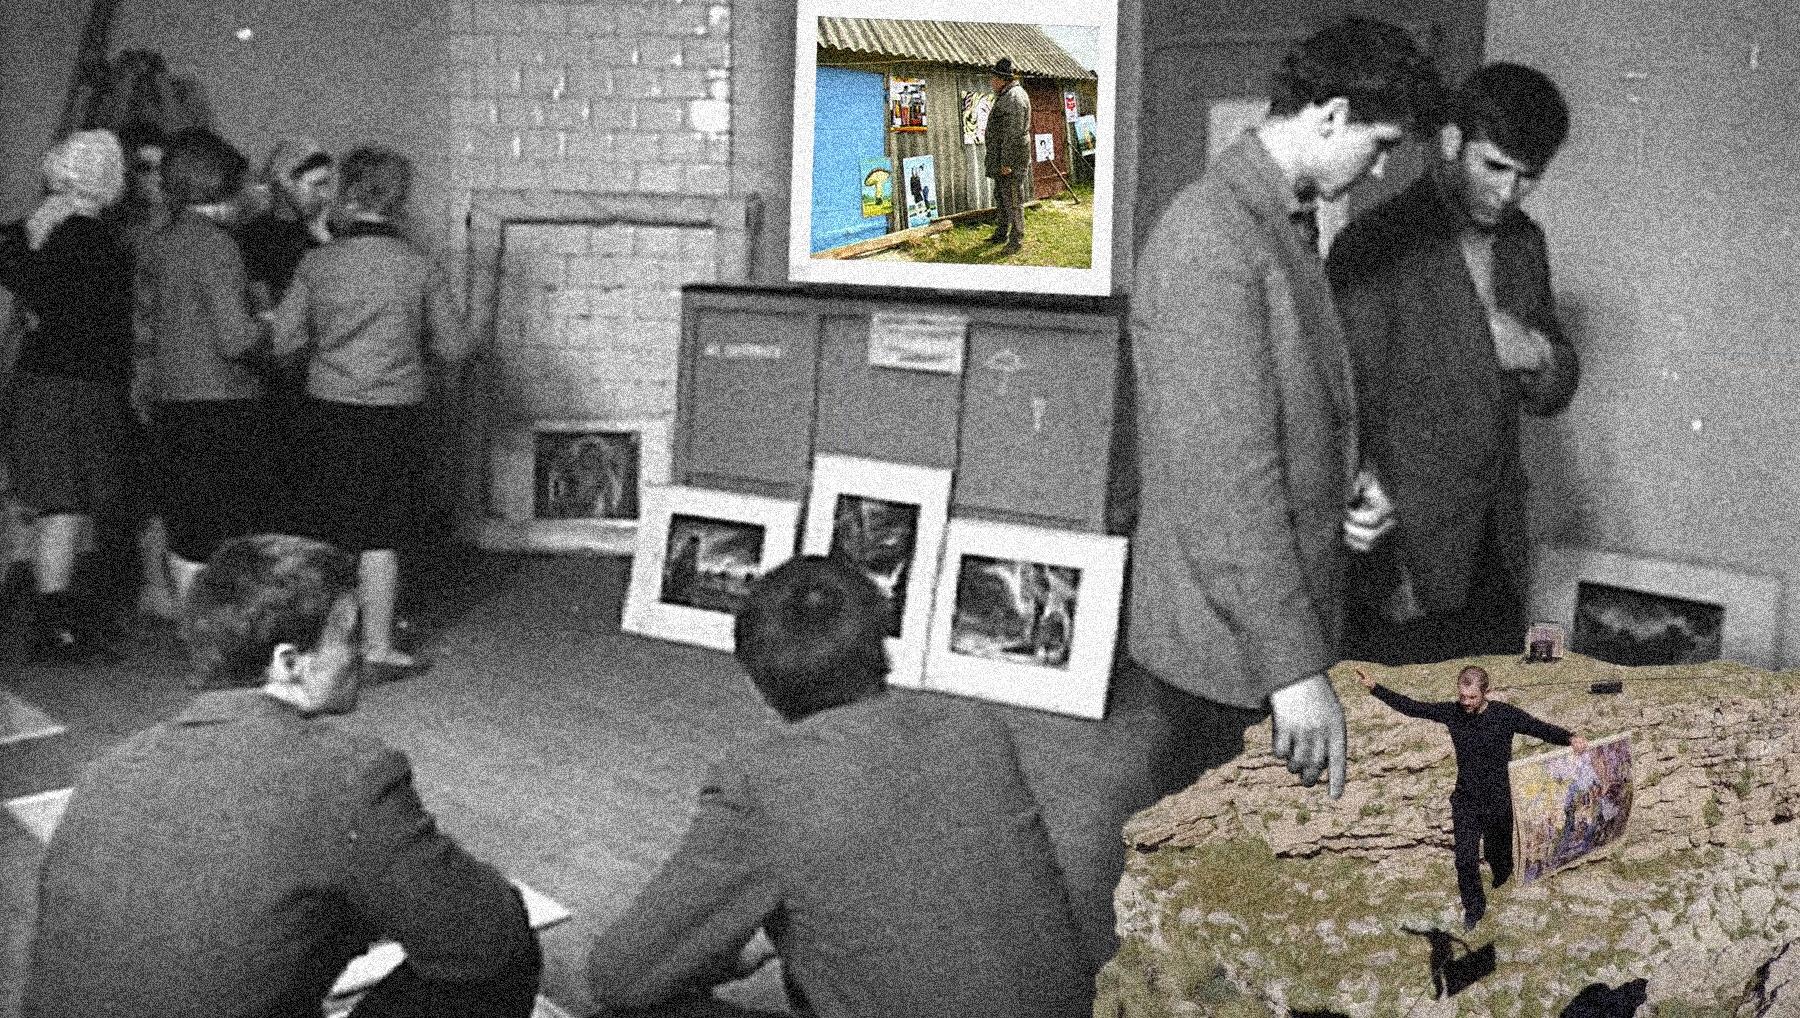 Музей советского искусства в Кмытове: против прямой интерпретации